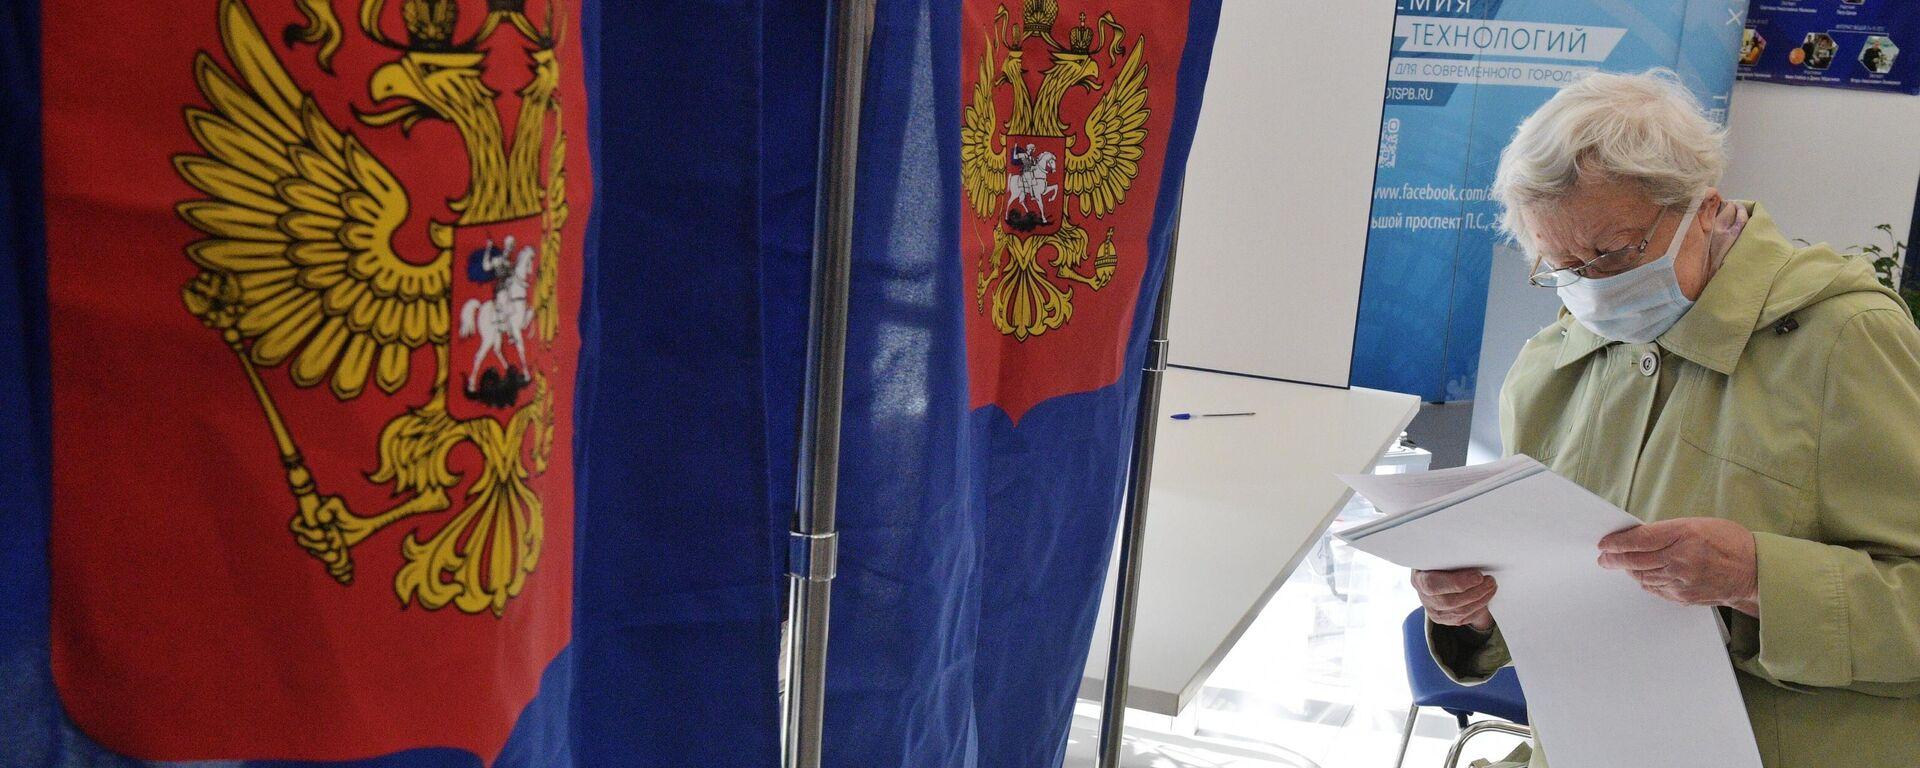 Wybory parlamentarne w Rosji, 2021 - Sputnik Polska, 1920, 20.09.2021